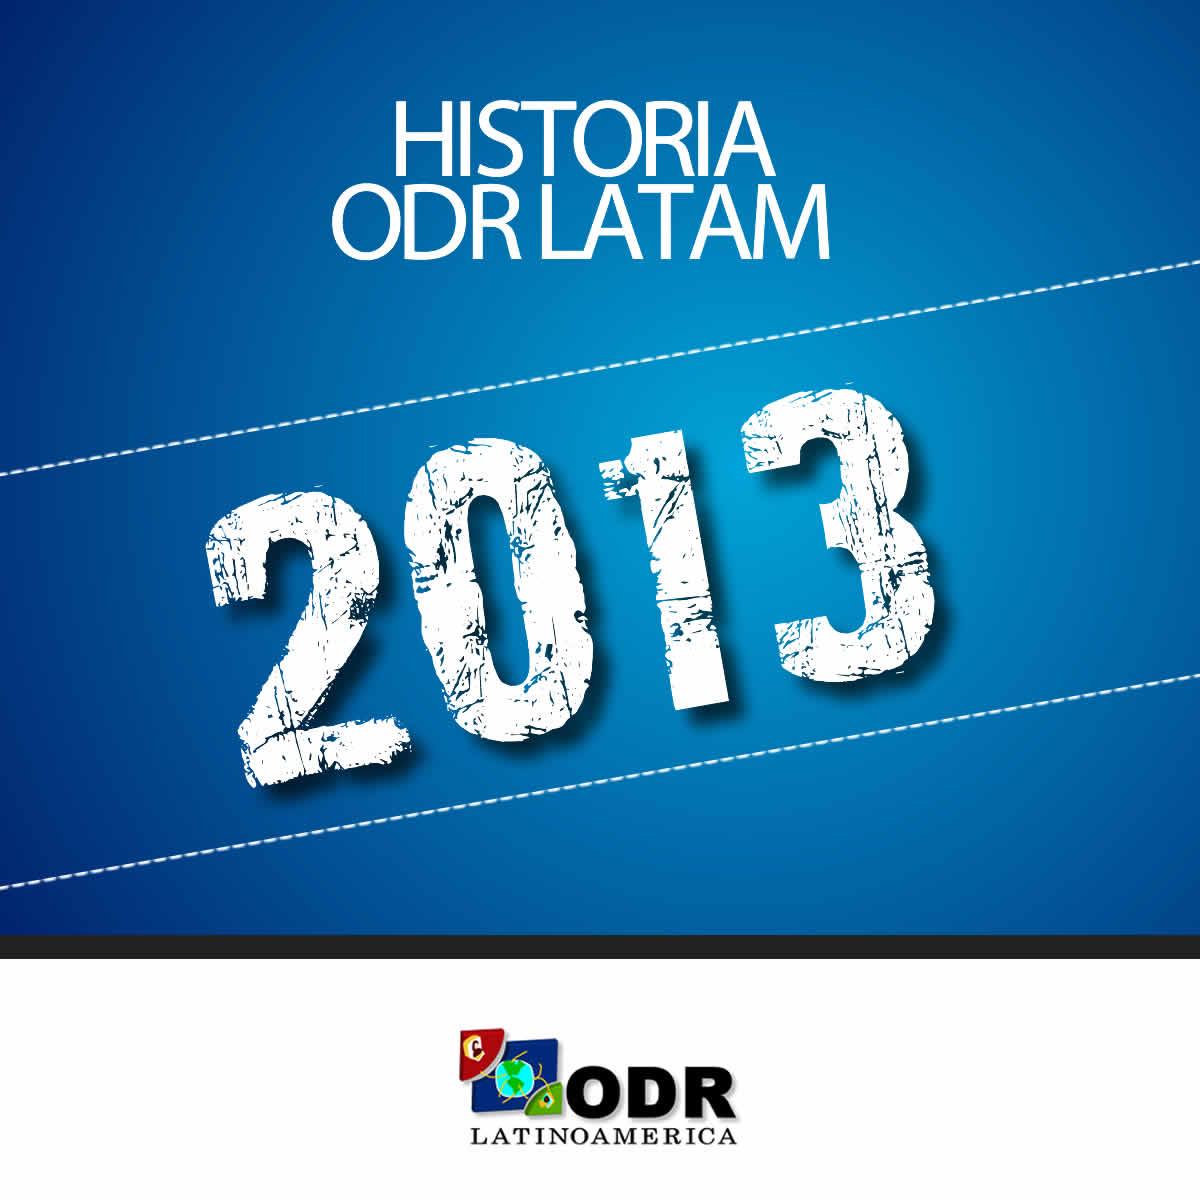 Historia ODR LATAM 2013